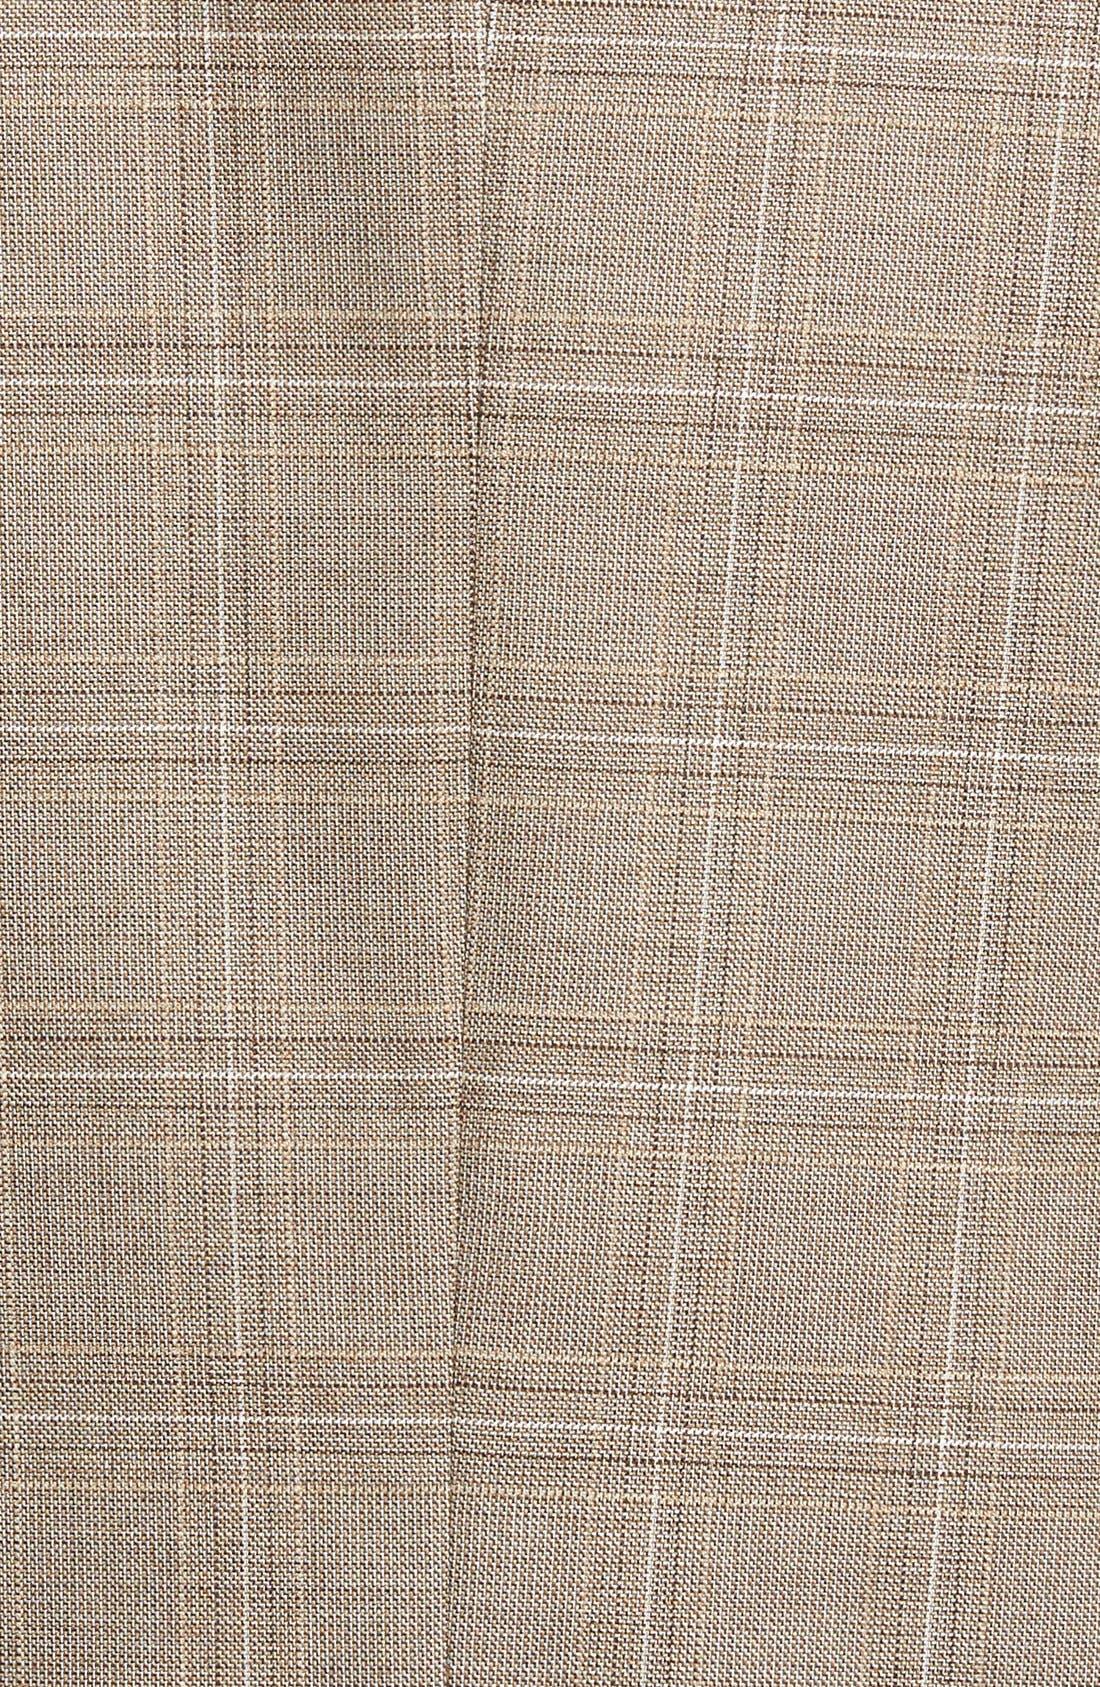 Alternate Image 3  - BOSS 'Jarett' Trim Fit Plaid Wool Blend Sport Coat